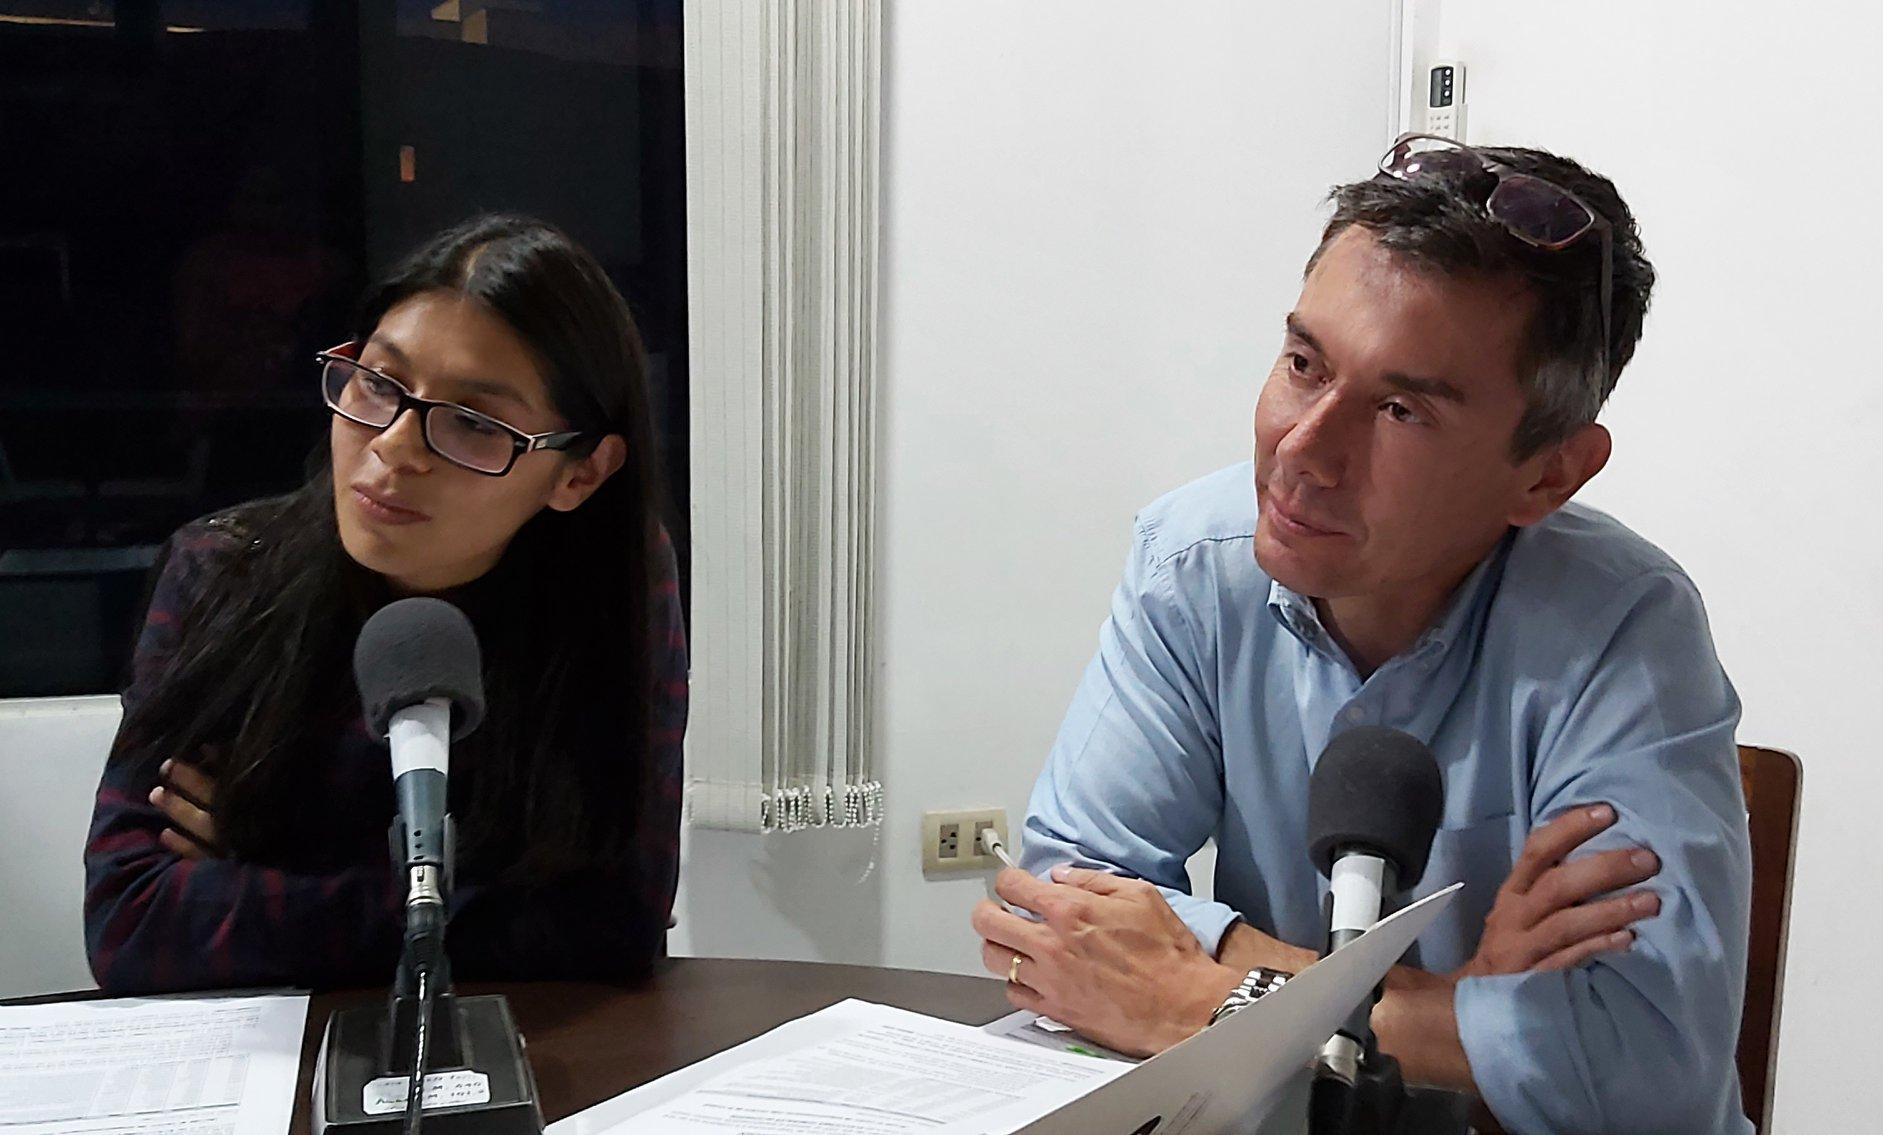 entrevista_aclo_15_01_2020 (3)